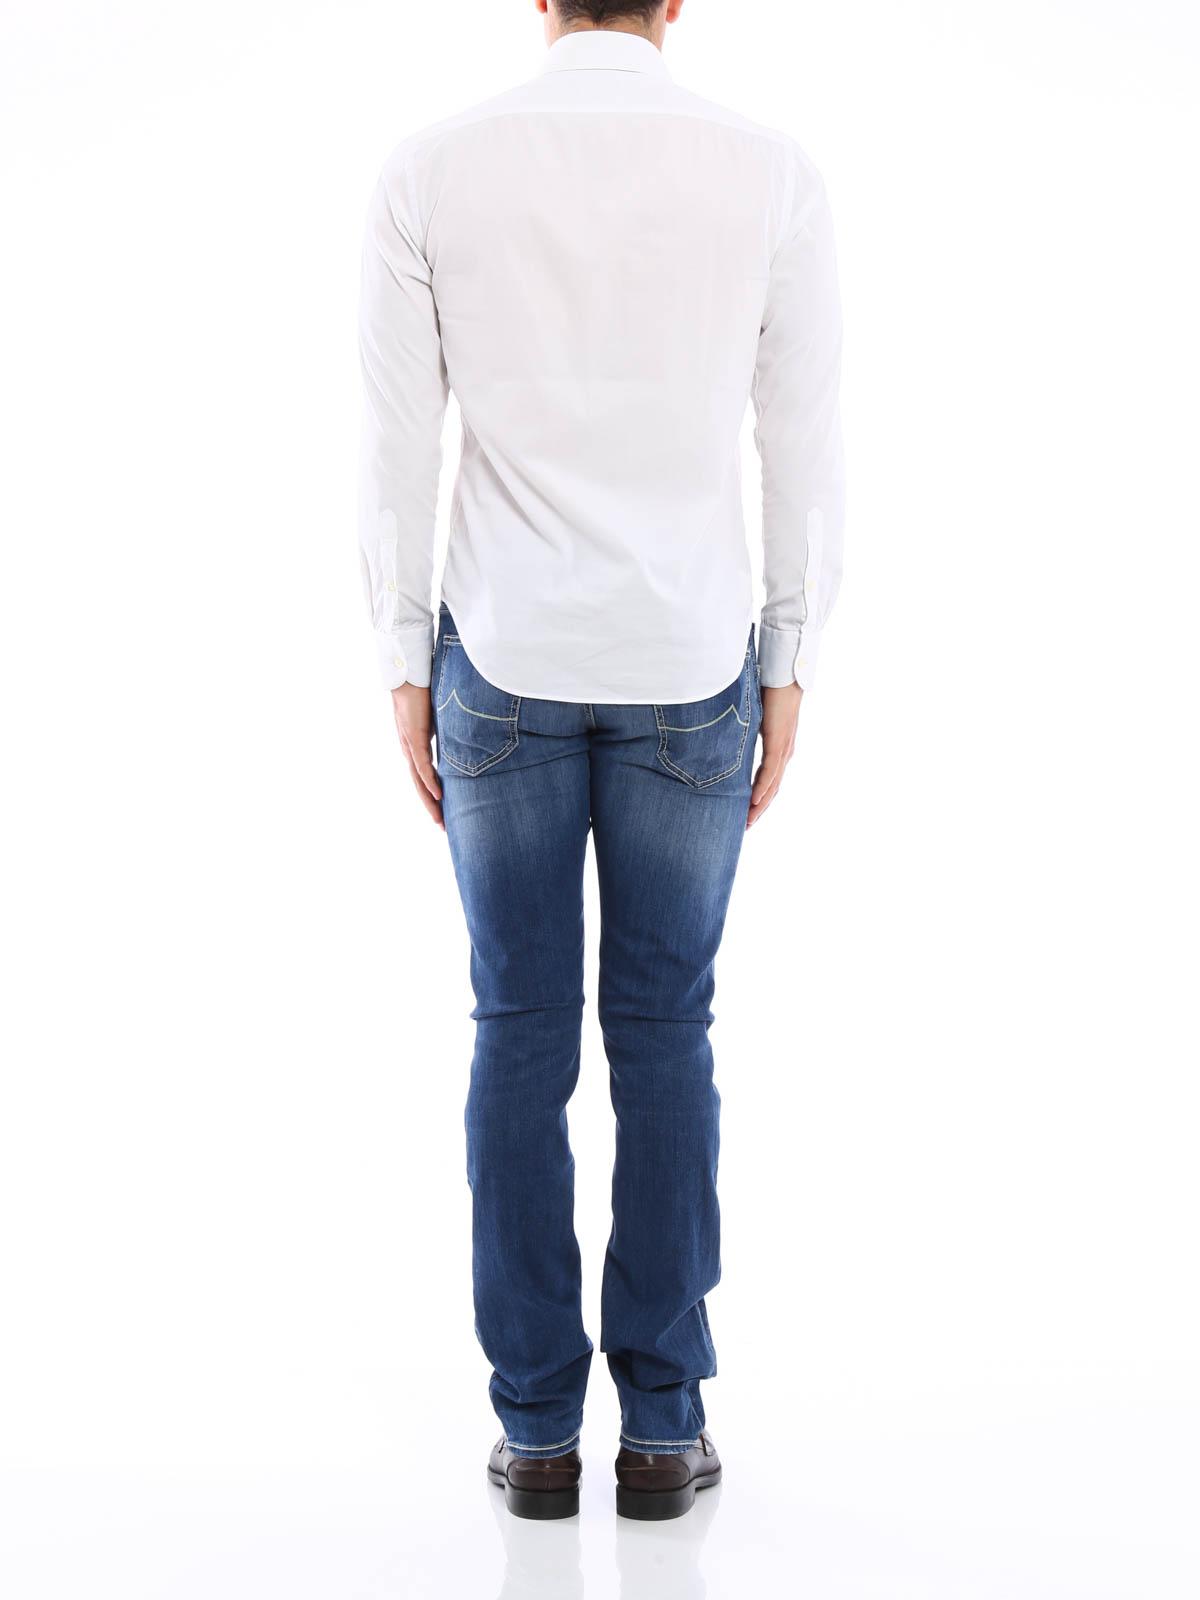 jeans denim pw622 comf jacob cohen jeans skinny ikrix. Black Bedroom Furniture Sets. Home Design Ideas